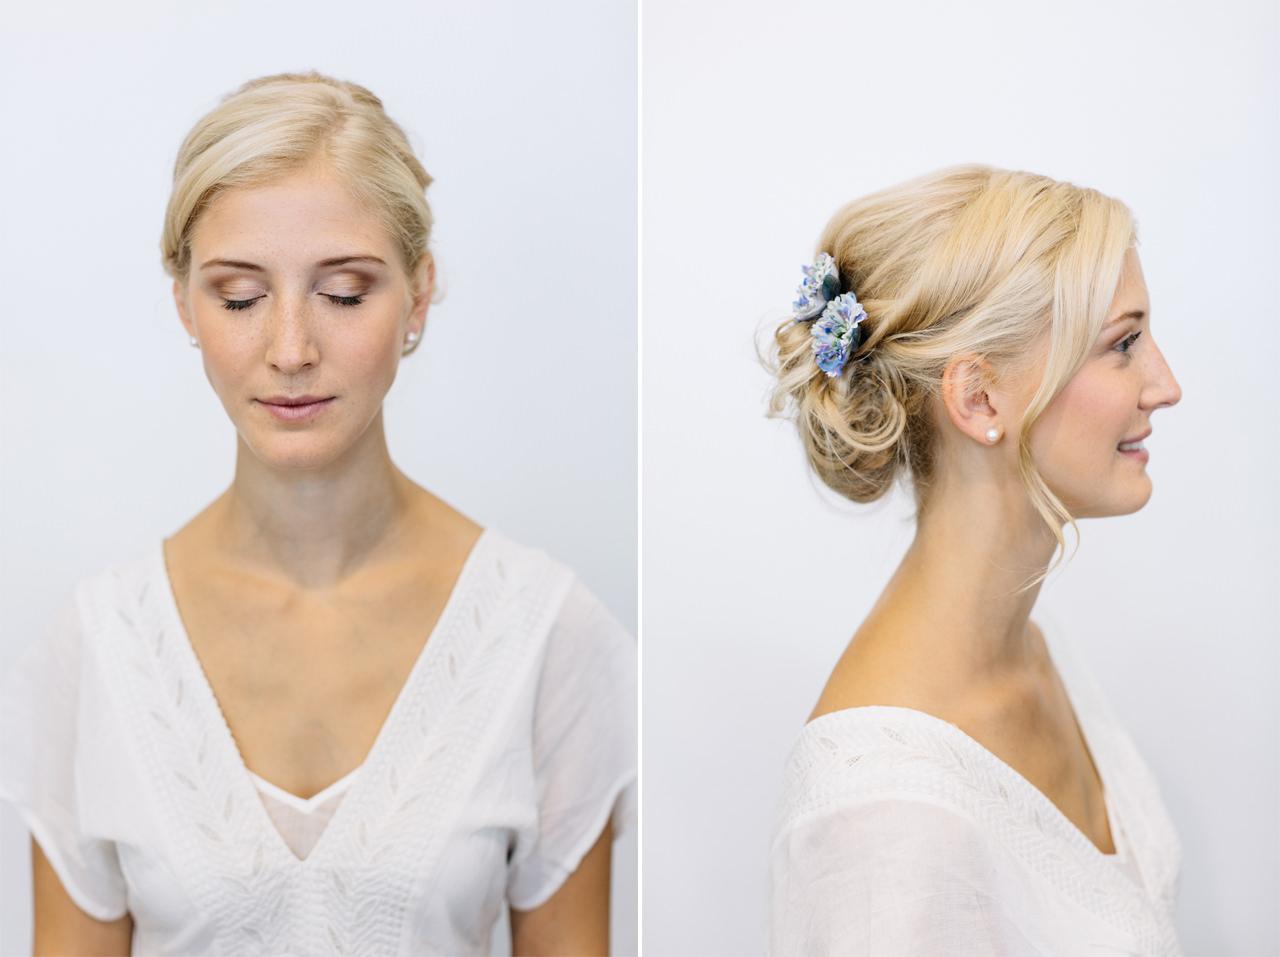 Zu Besuch Bei Den Hairstylisten Julia Hofmann